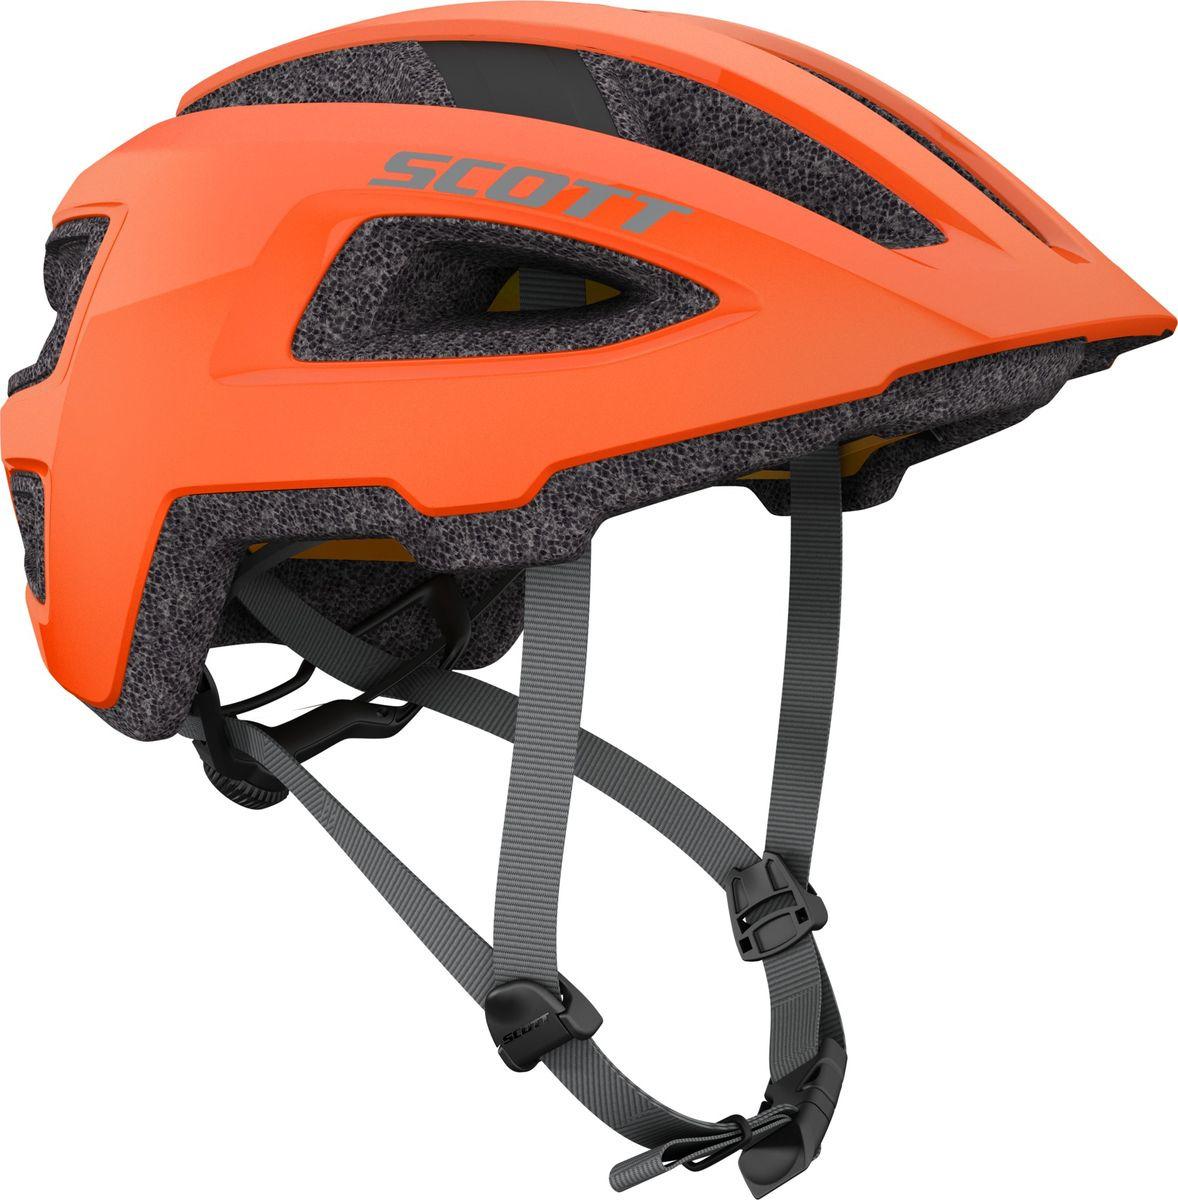 Шлем защитный Scott Groove Plus, 265532-5864, оранжевый, размер M/L